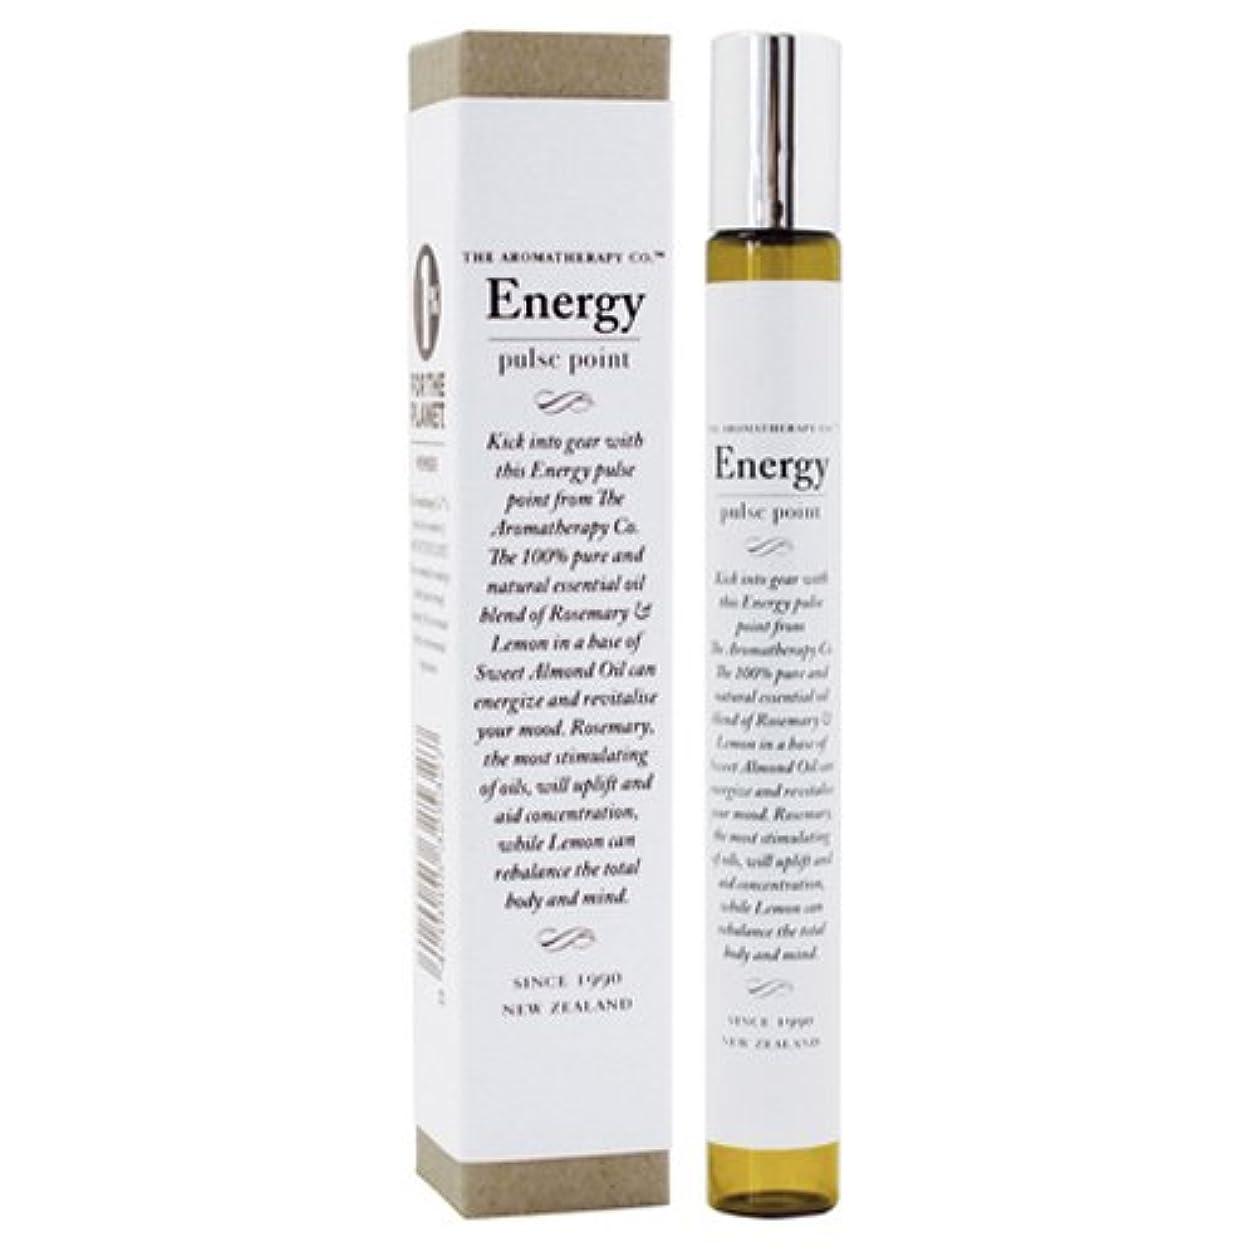 リングバックお茶援助アロマセラピーカンパニー Therapy Range セラピーレンジ パルスポイント エナジー ロールオンパフューム Energy